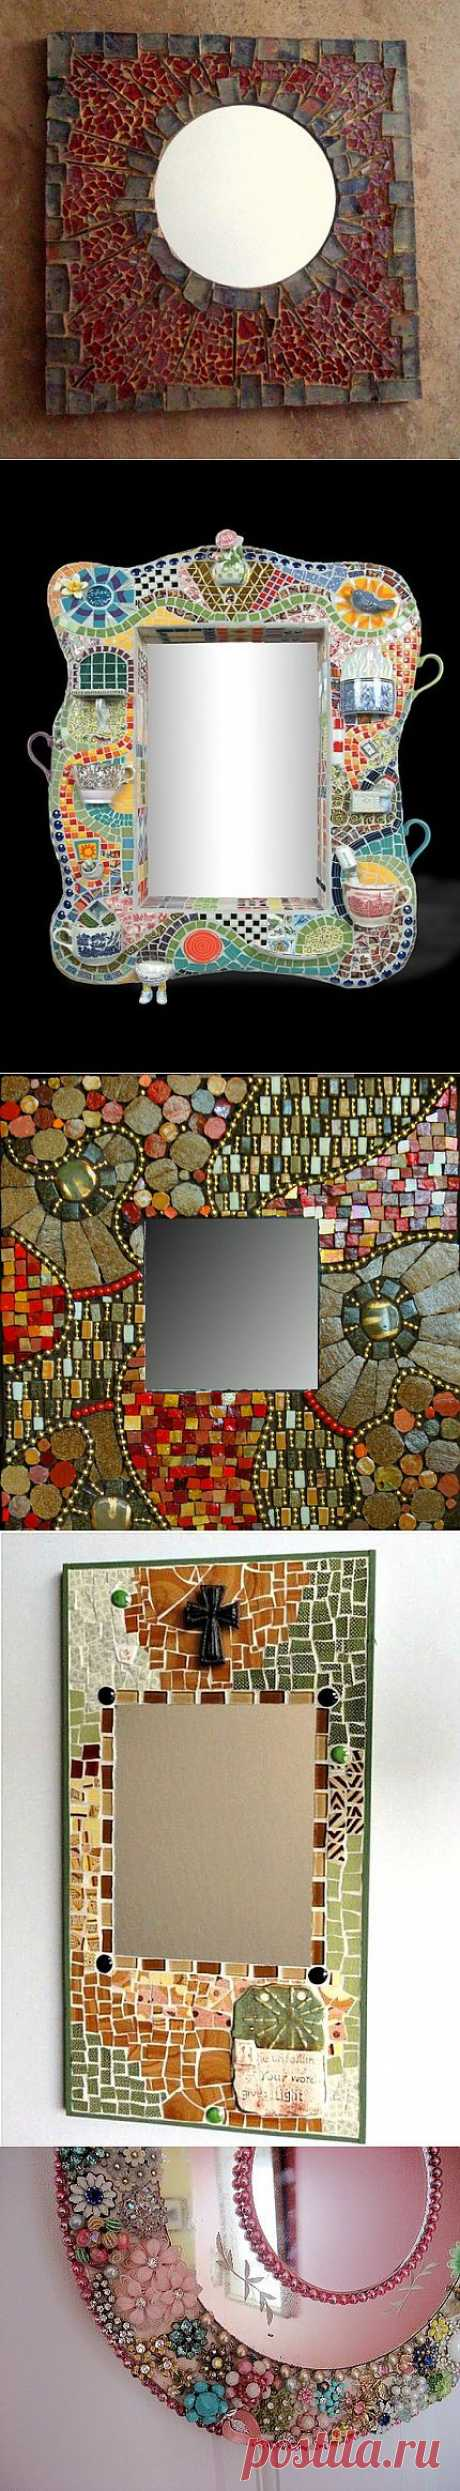 зеркала в интерьере (часть2 -мозаика).